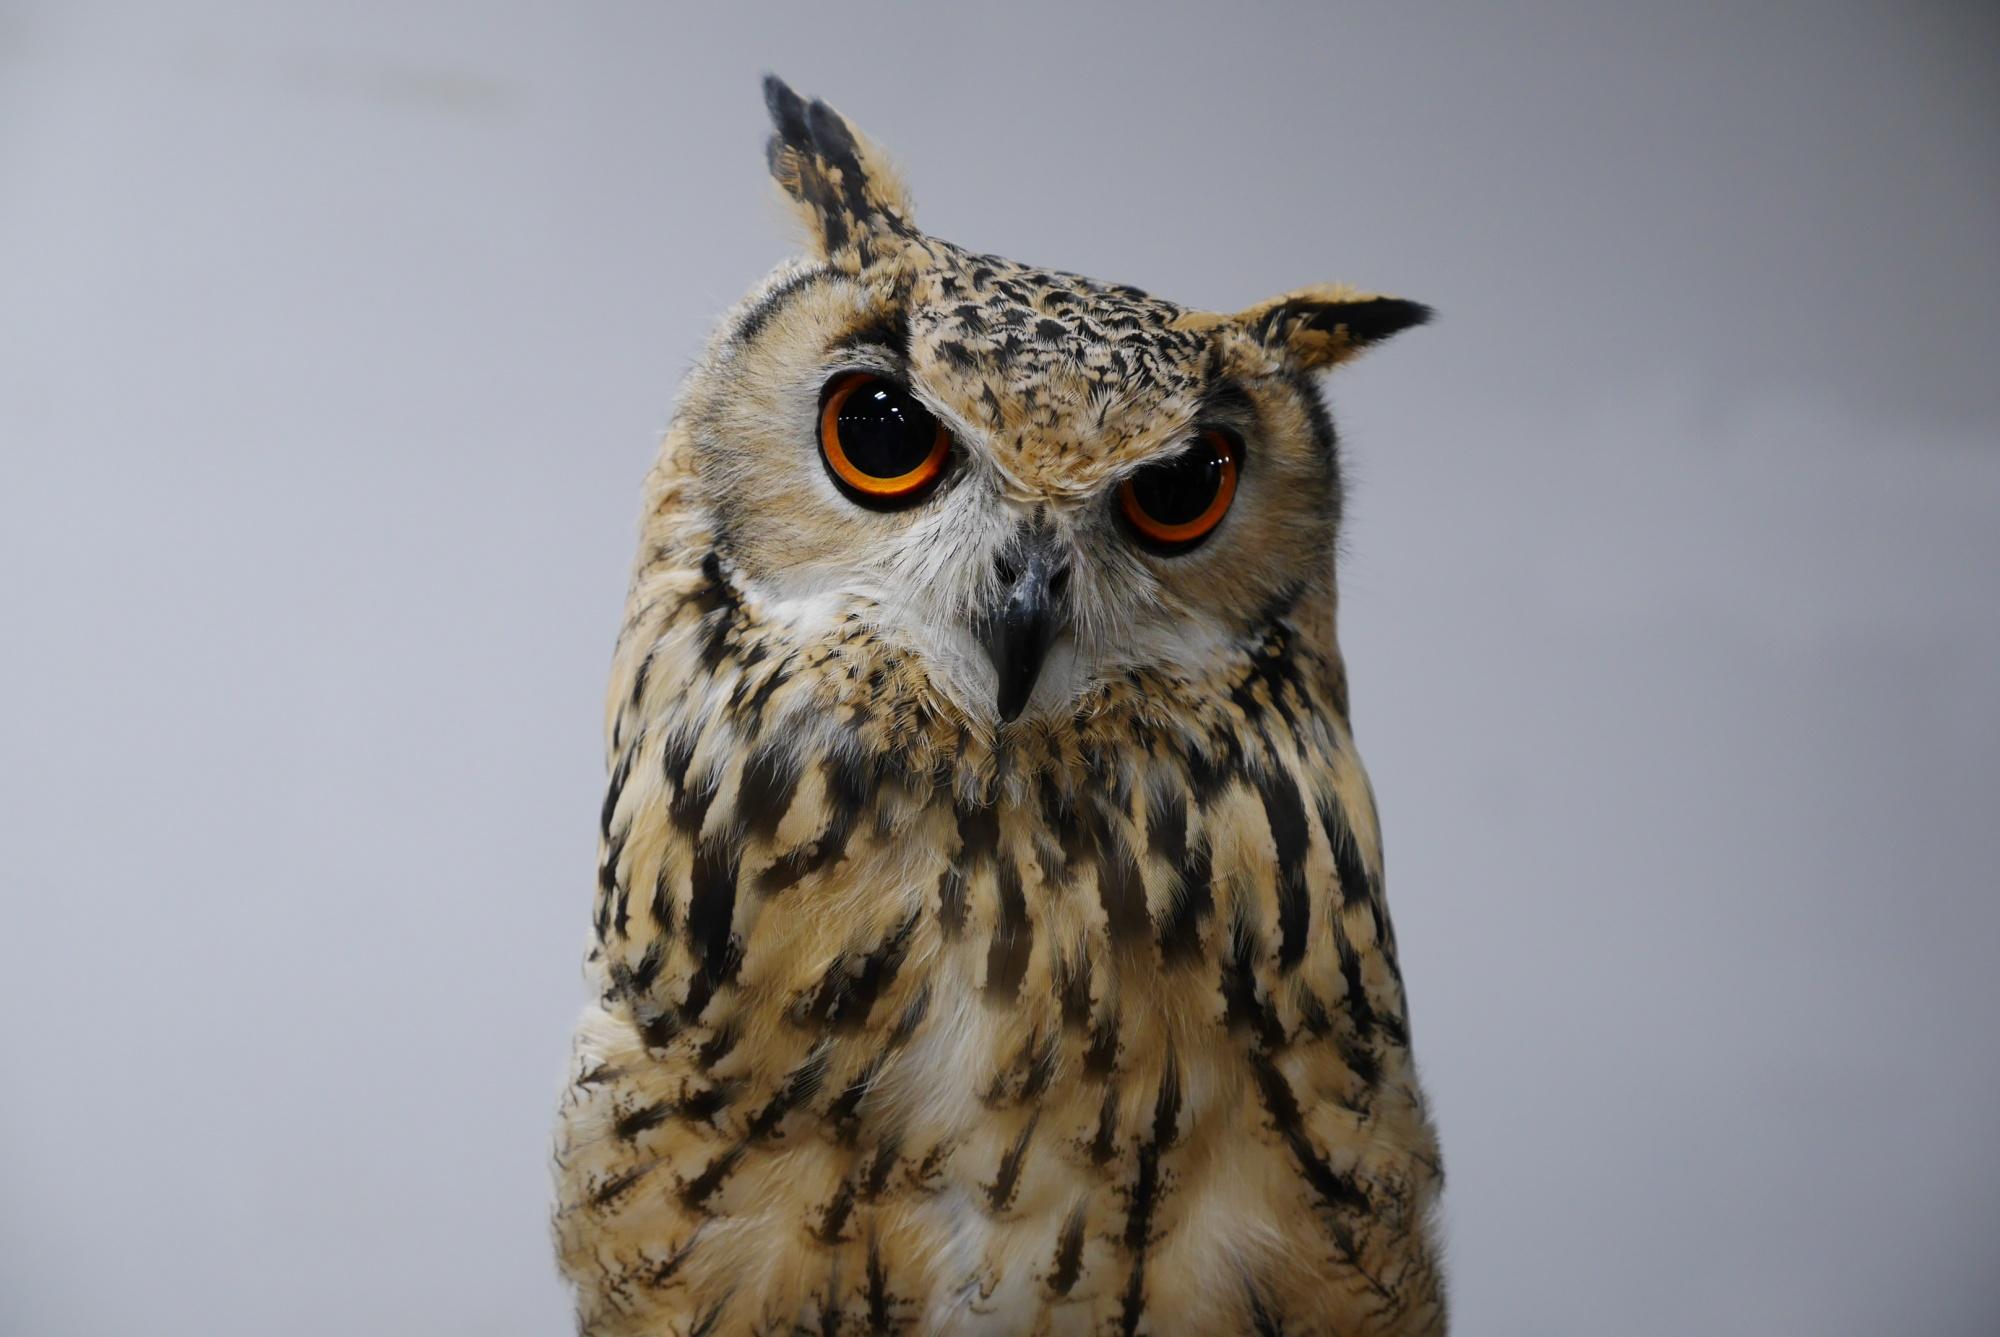 シベリアワシミミズク(Siberian Eagle Owl)